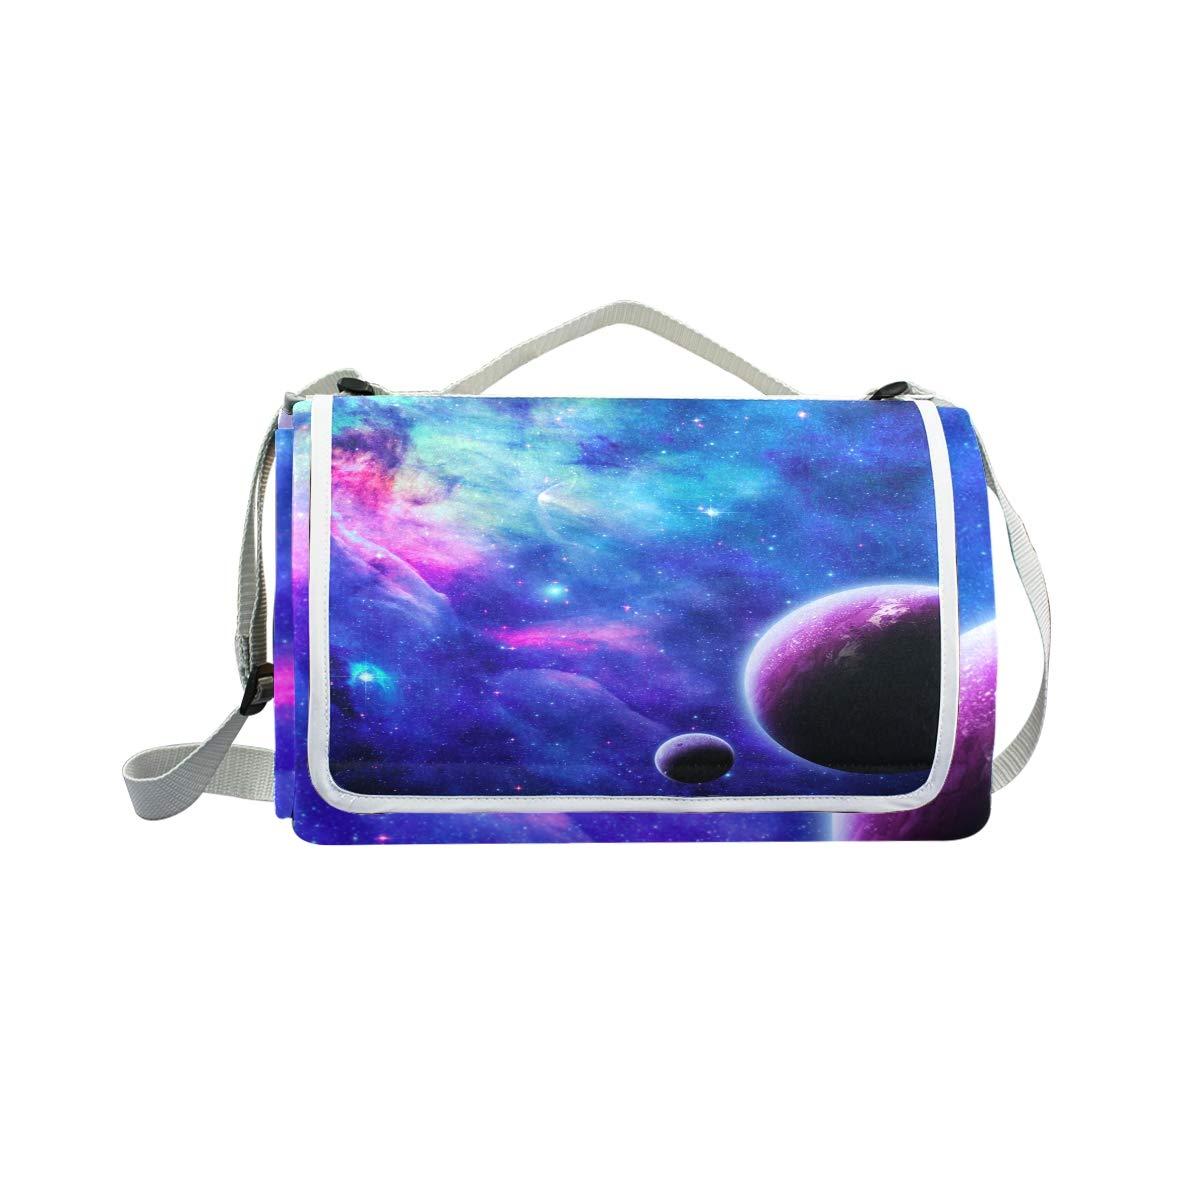 Jeansame Stars Galaxy Planets Nebula Universe Space Picnic Mat Coperta da Picnic, da Campeggio per Outdoor Viaggio Yoga Escursionismo Impermeabile Portatile Pieghevole 150 x 145 cm